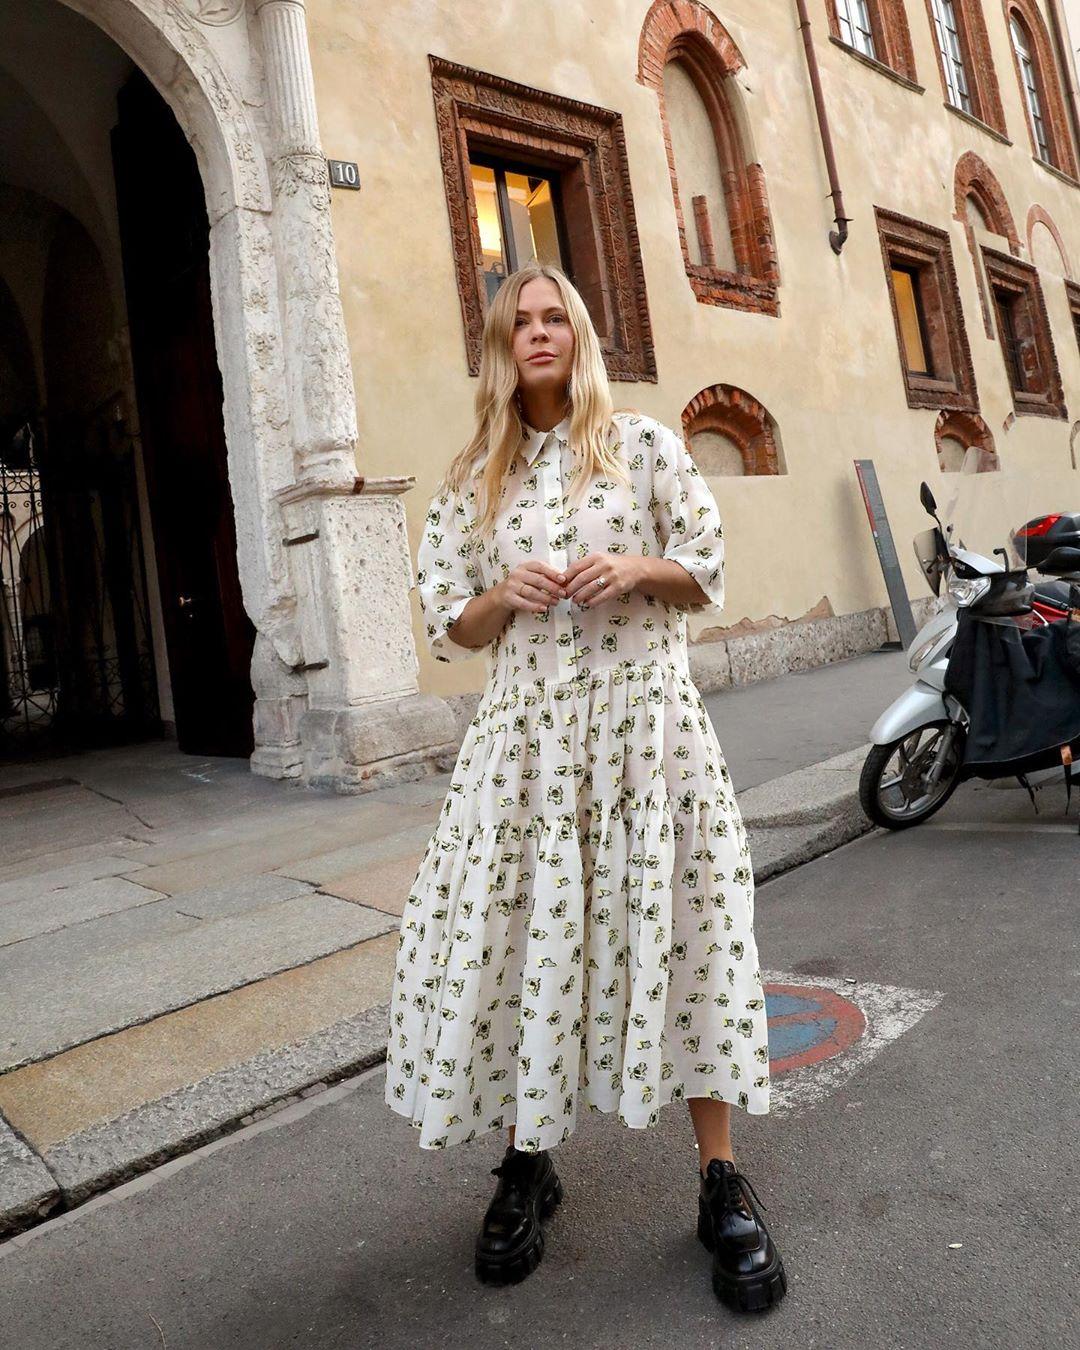 The Oversized, Ultra-Feminine Dresses We're Eyeing for Summer